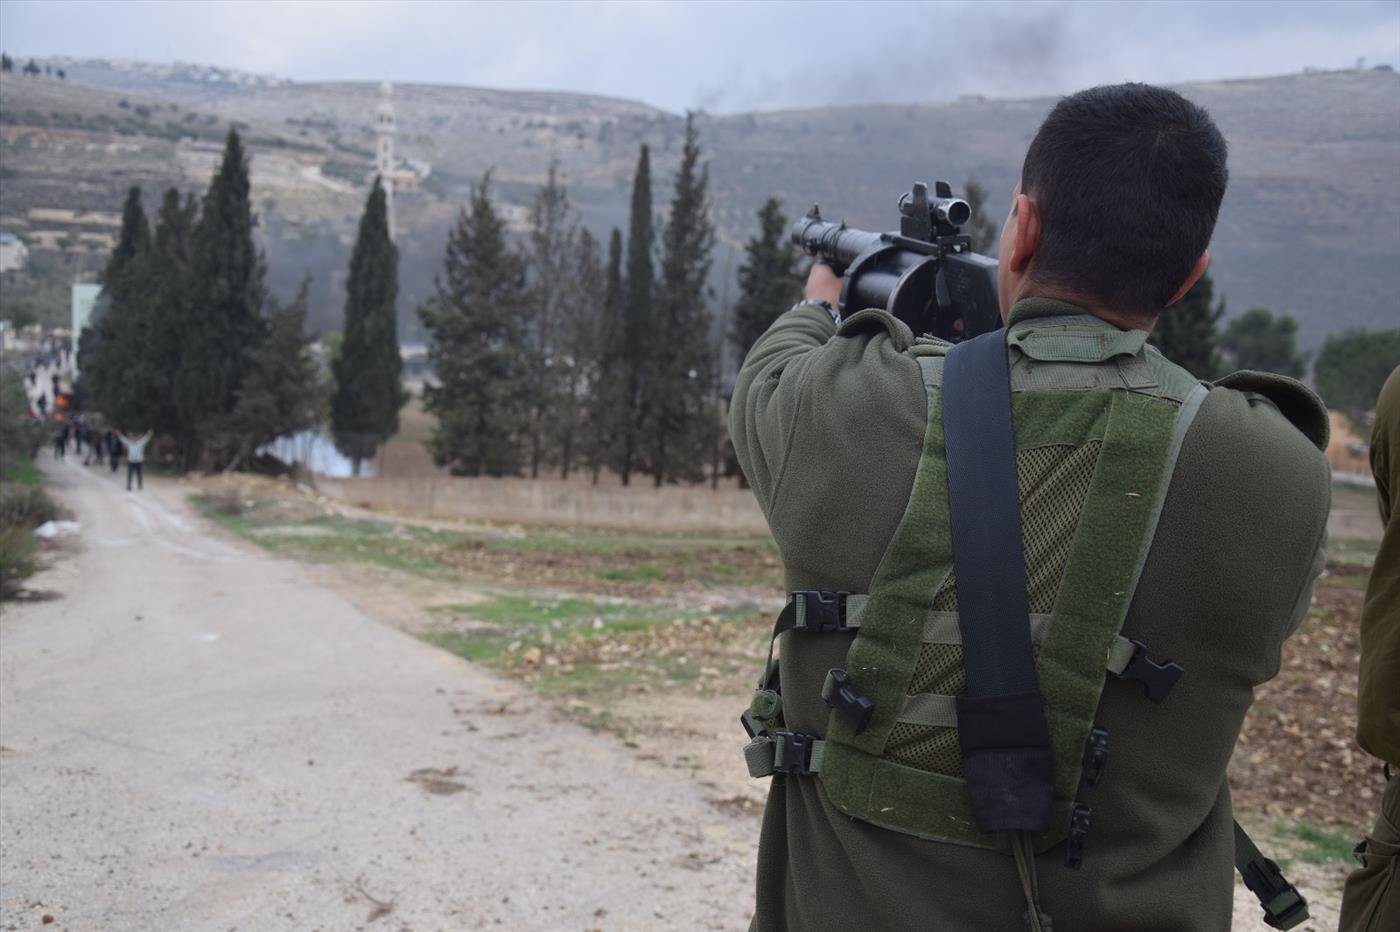 חייל יורה לעבר הפורעים (צילום: אברהם שפירא)